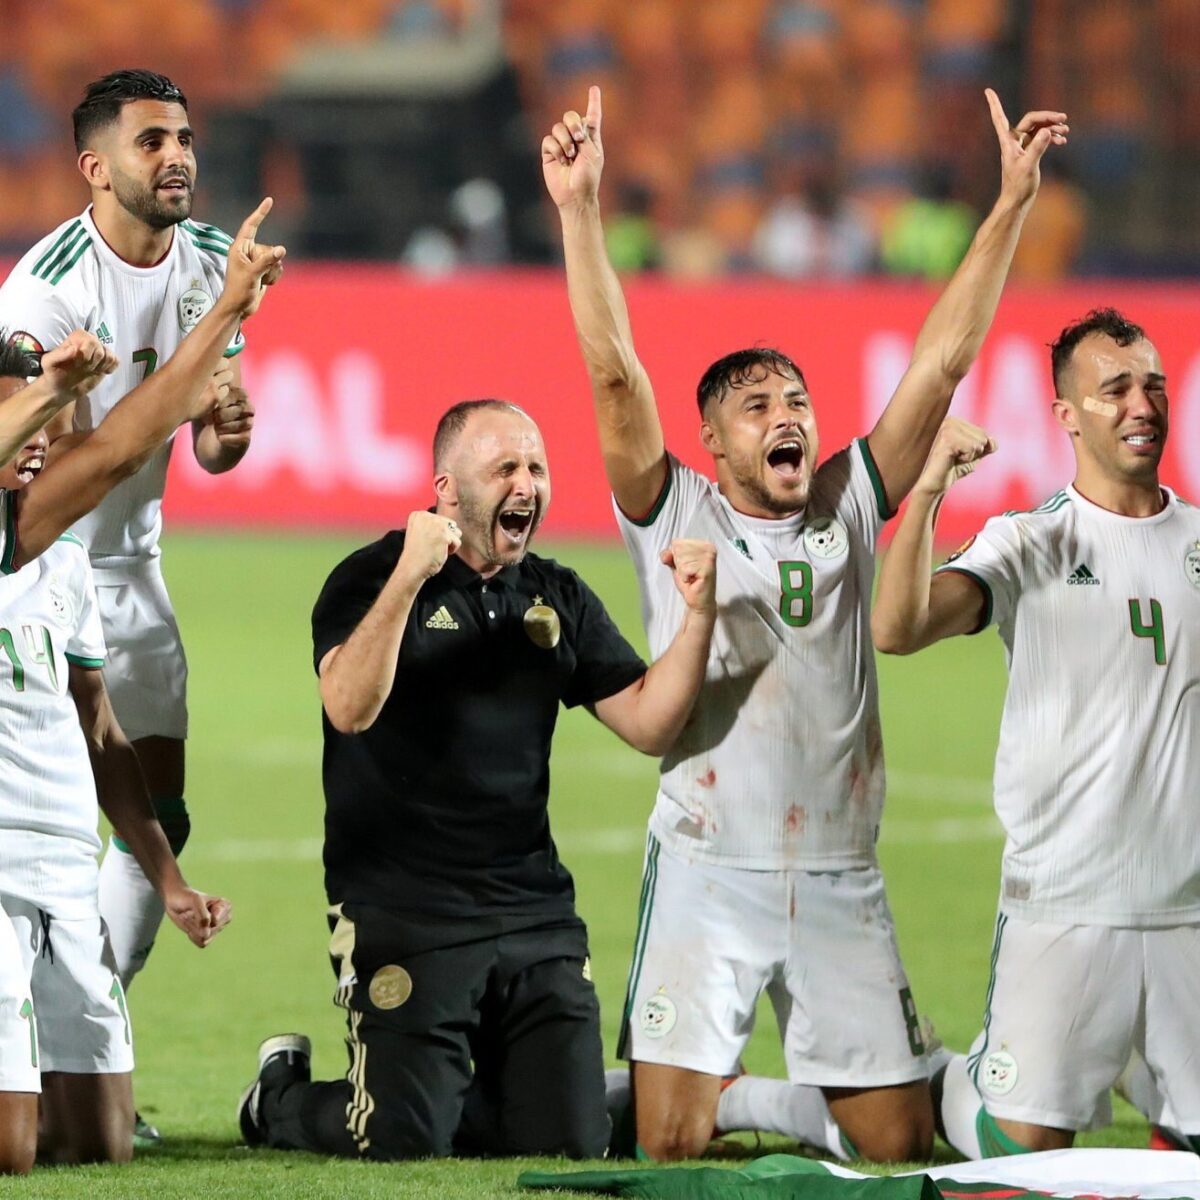 الجزائر وزامبيا يتأهلان إلى نهائي الأمم الأفريقية